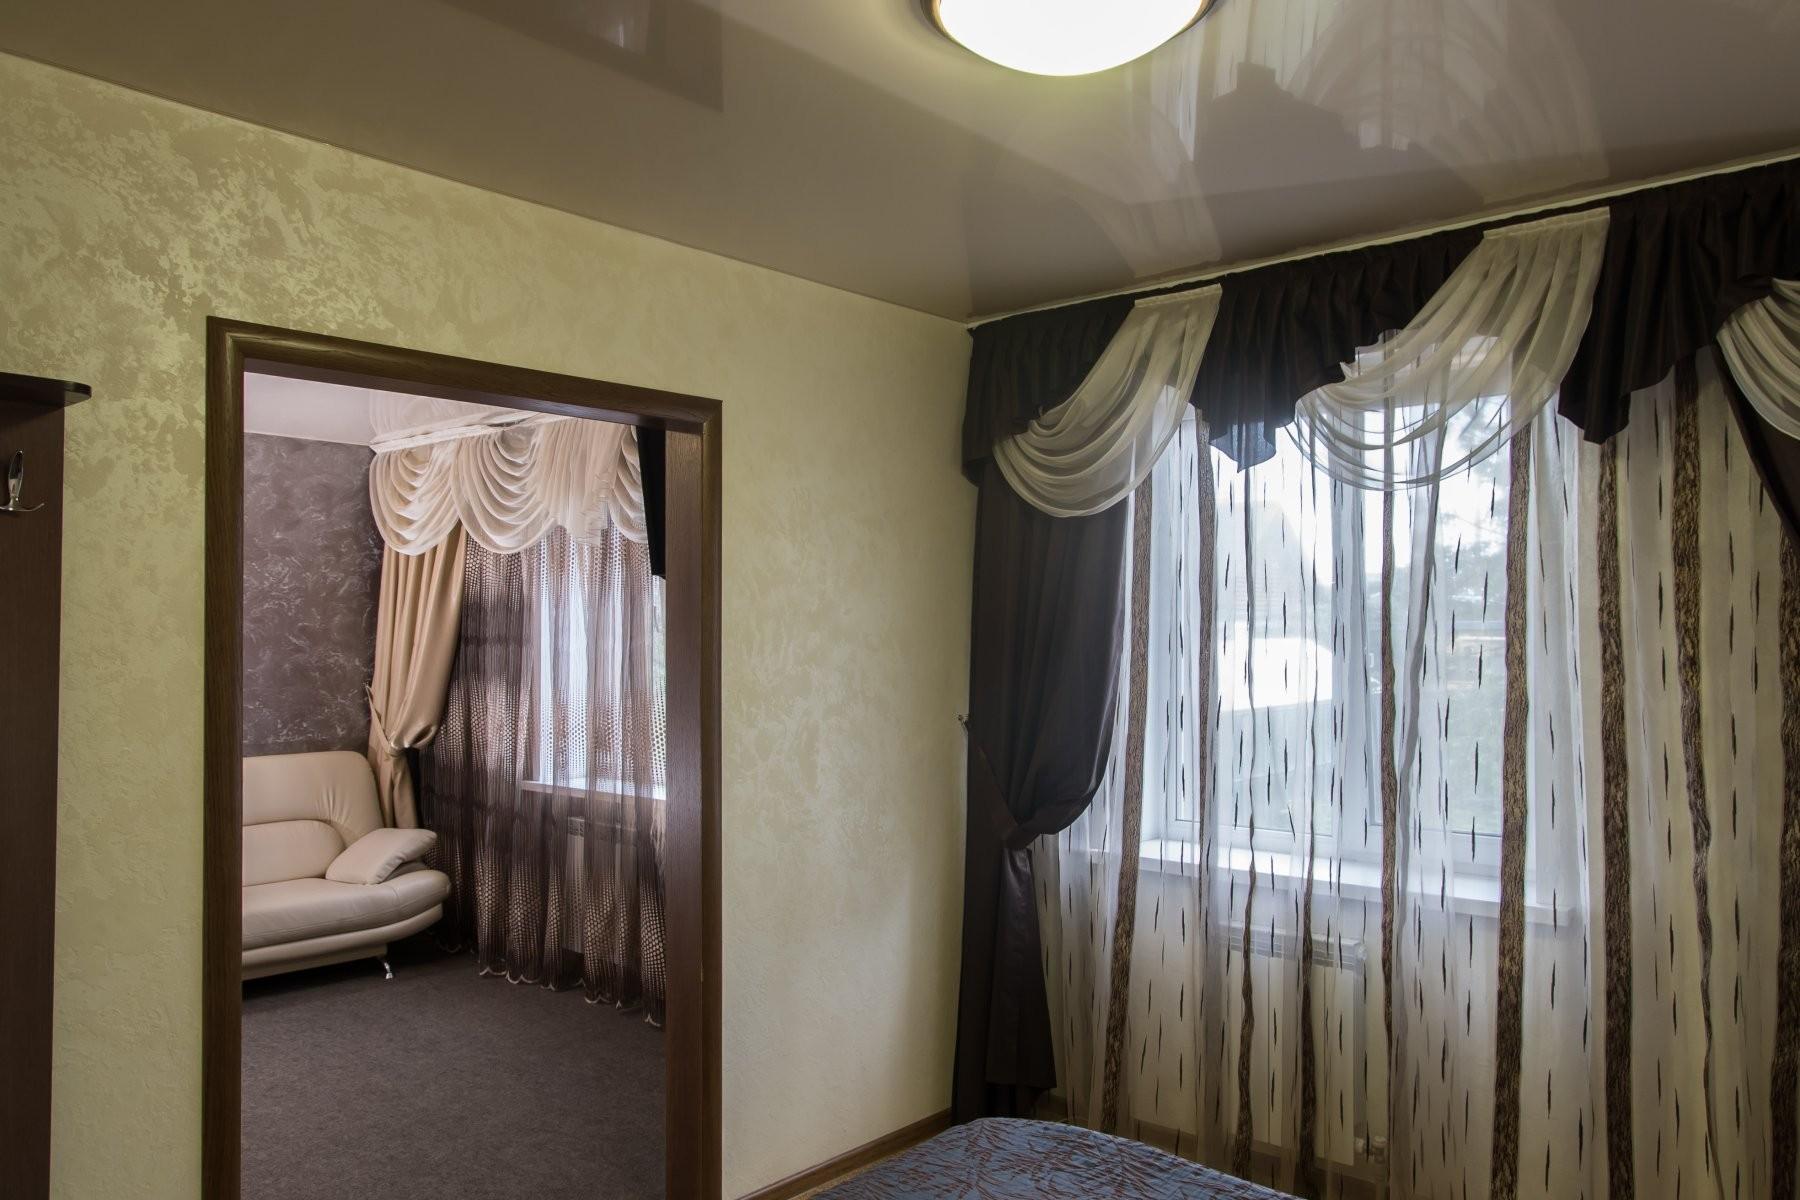 Шоколад, гостиничный комплекс - №70